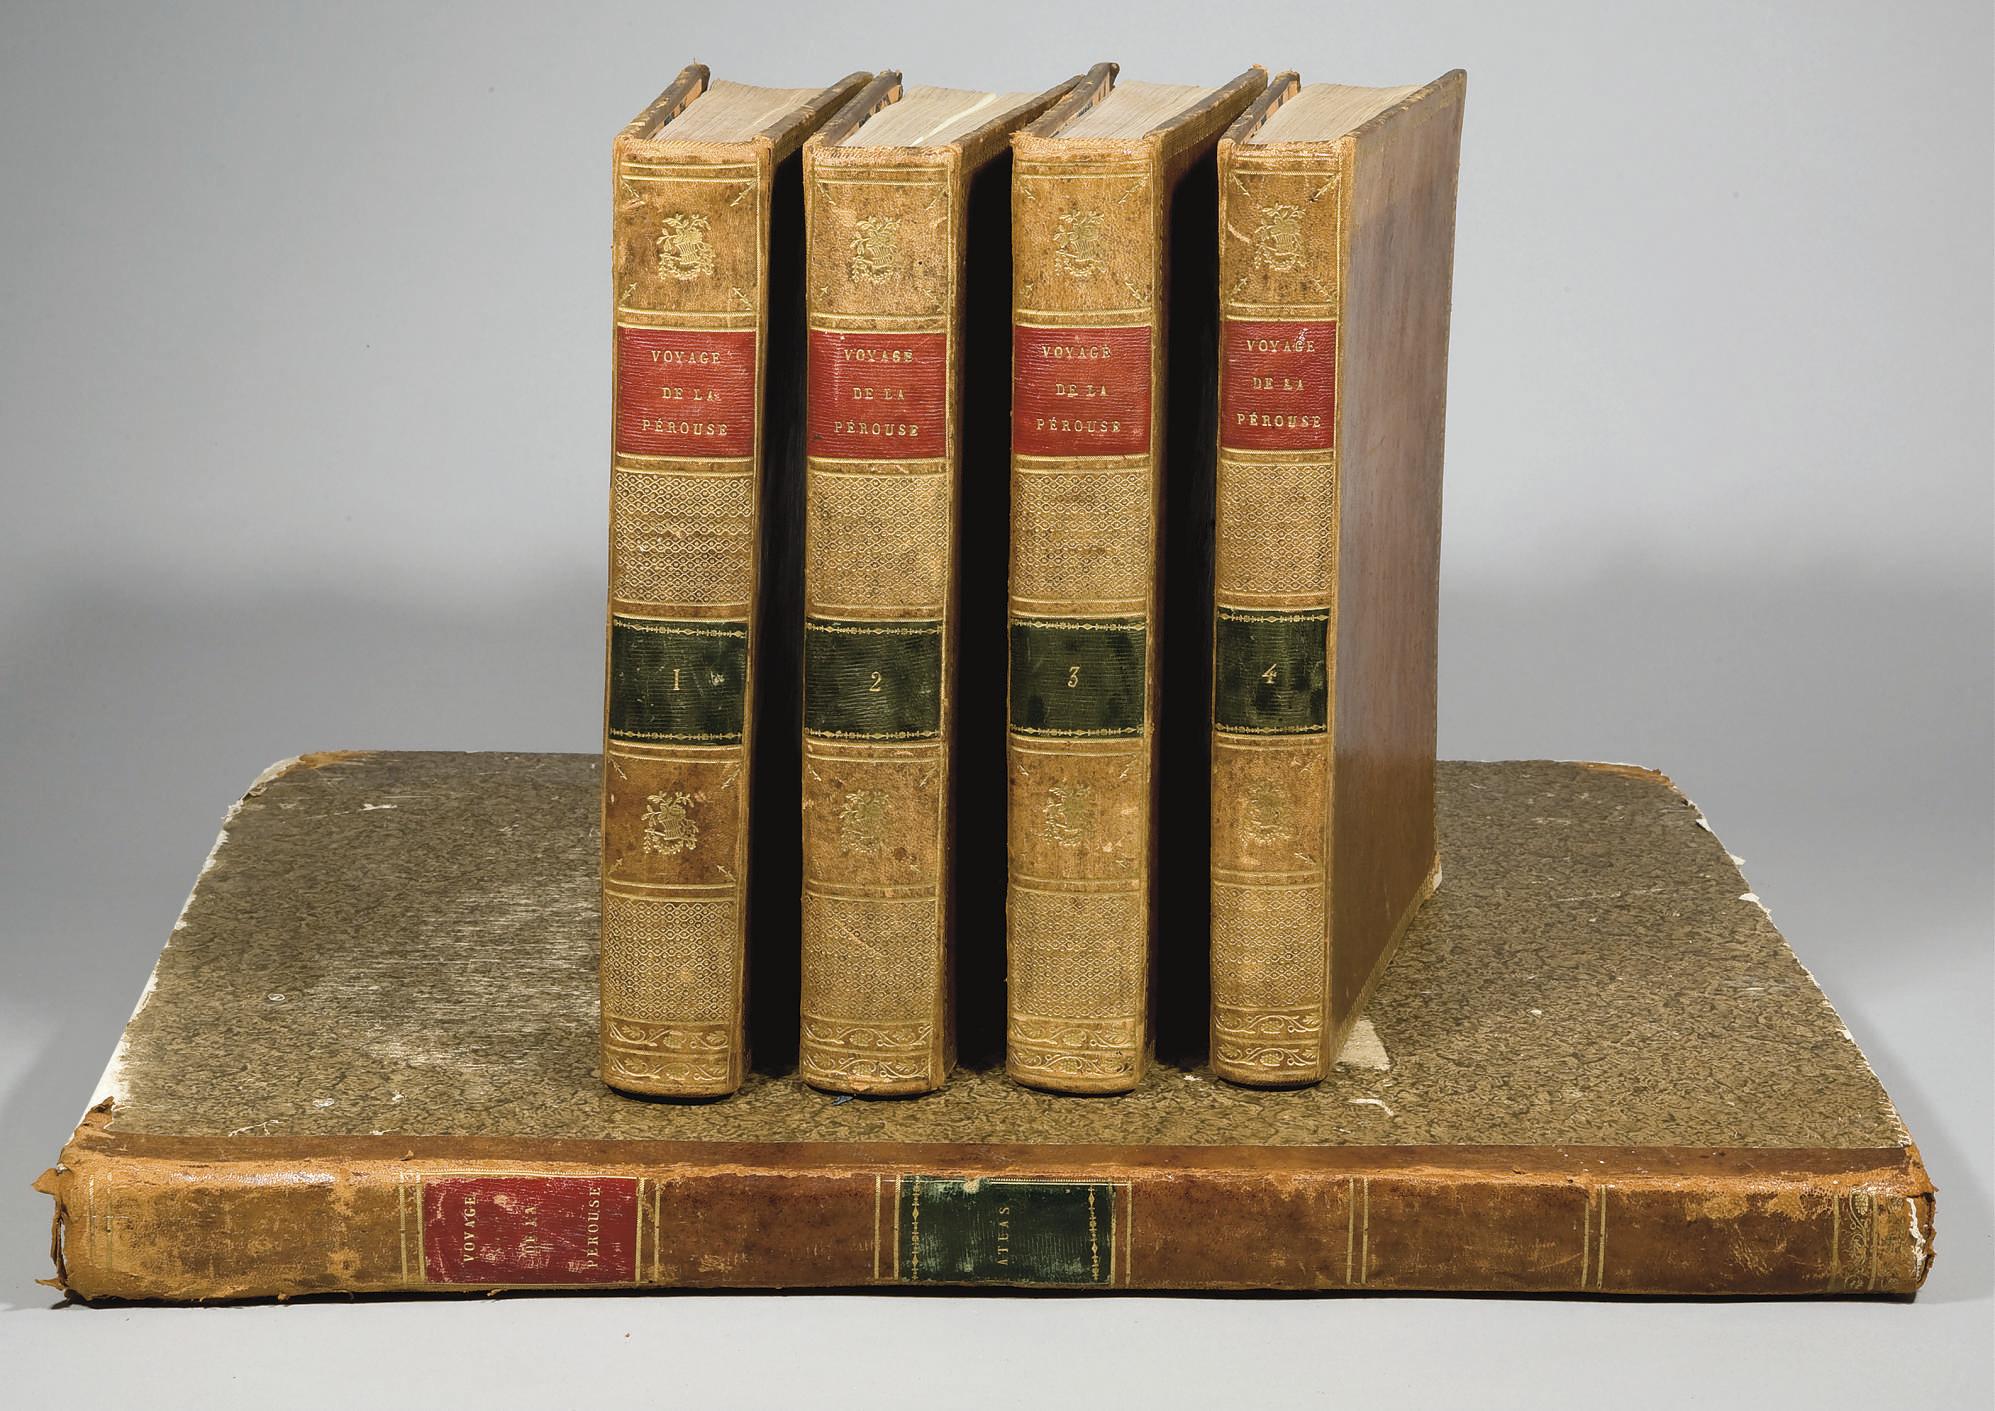 LA PÉROUSE, Jean-François de Galaup, comte de (1741-1788?). Voyage de La Pérouse autour du monde, publié conformément au décret du 22 avril 1791, et rédigé par M. L. A. Milet-Mureau. Paris: Imprimerie de la République, An V (1797).